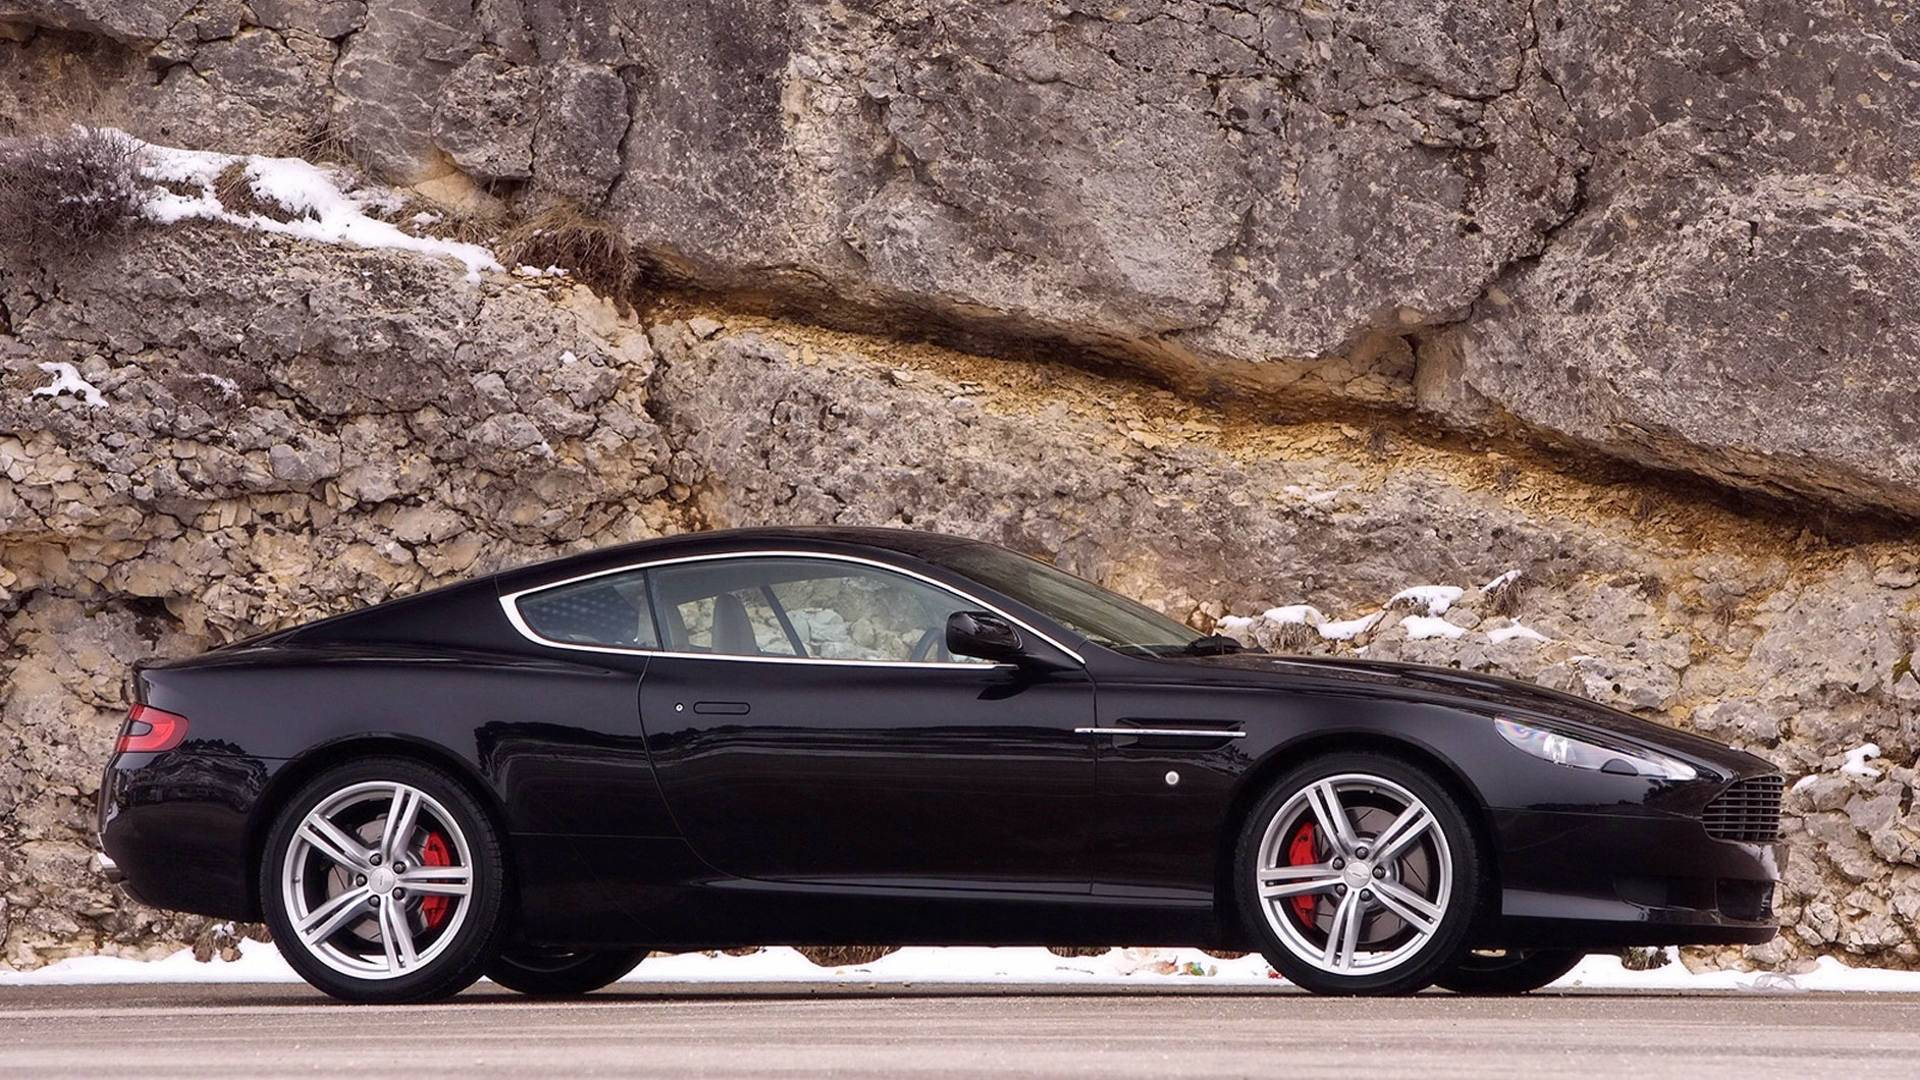 http://3.bp.blogspot.com/-YrMzzPHcoLE/T9Swjf5MfBI/AAAAAAAAJoI/bqZ0-VW0KMA/s1920/Aston-Martin-DB9-wallpaper.jpg